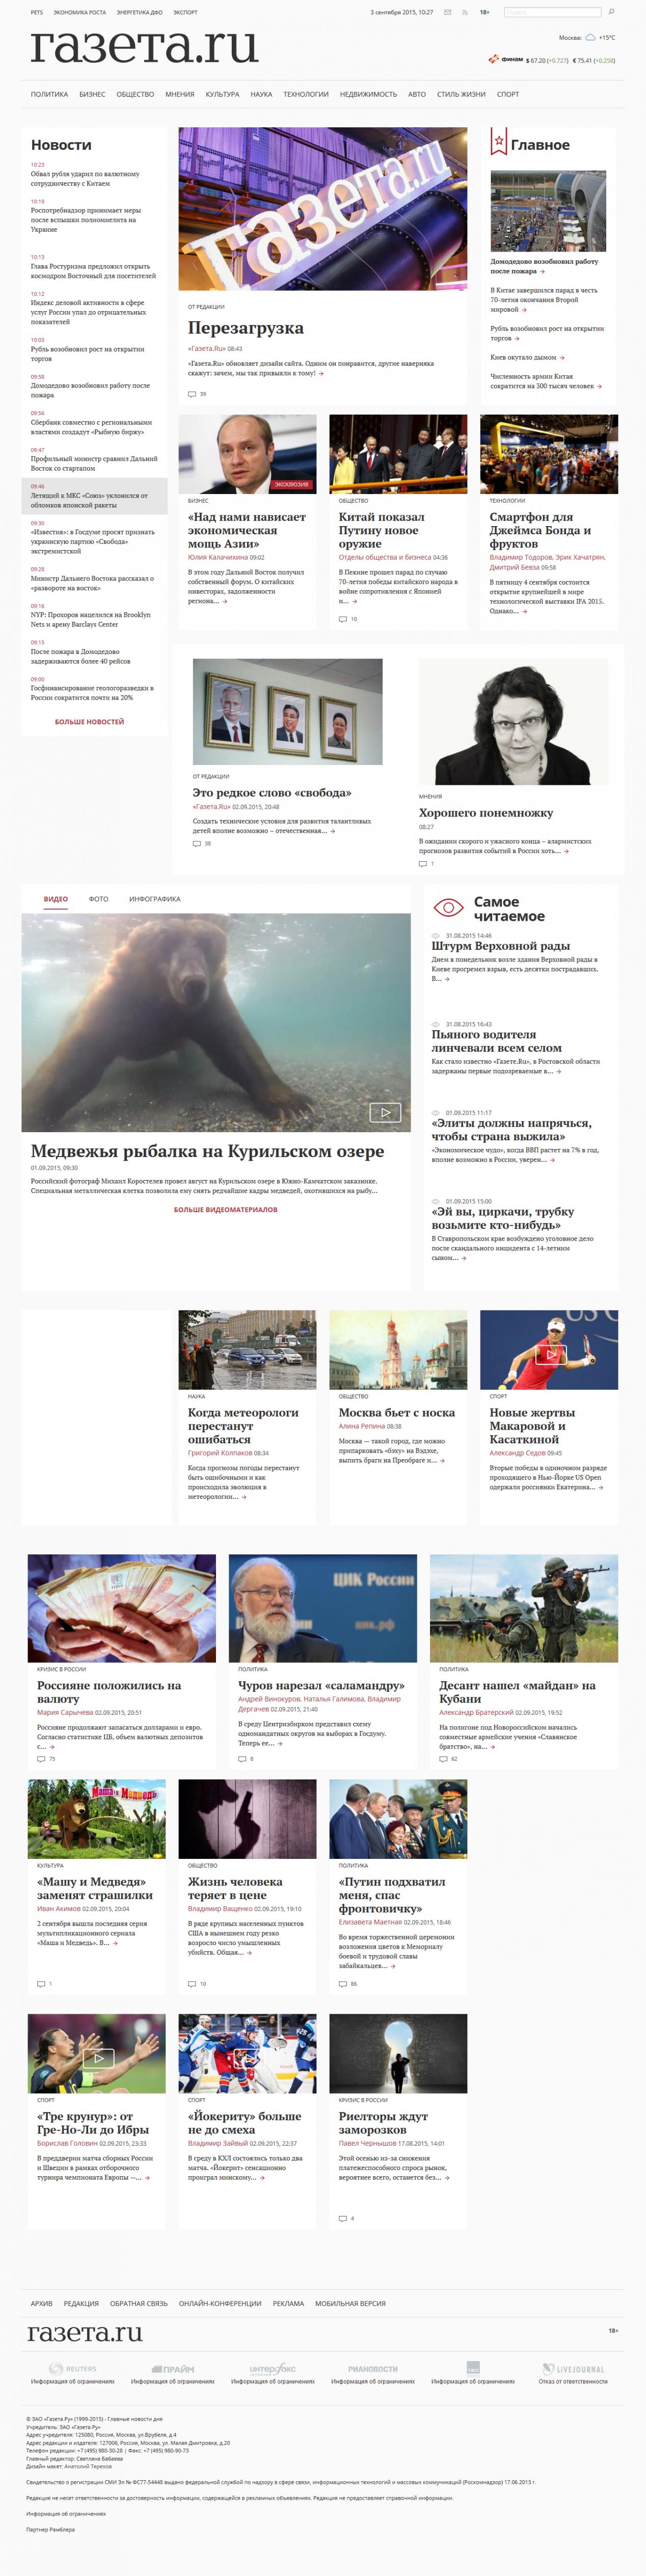 Газета.ру редизайн